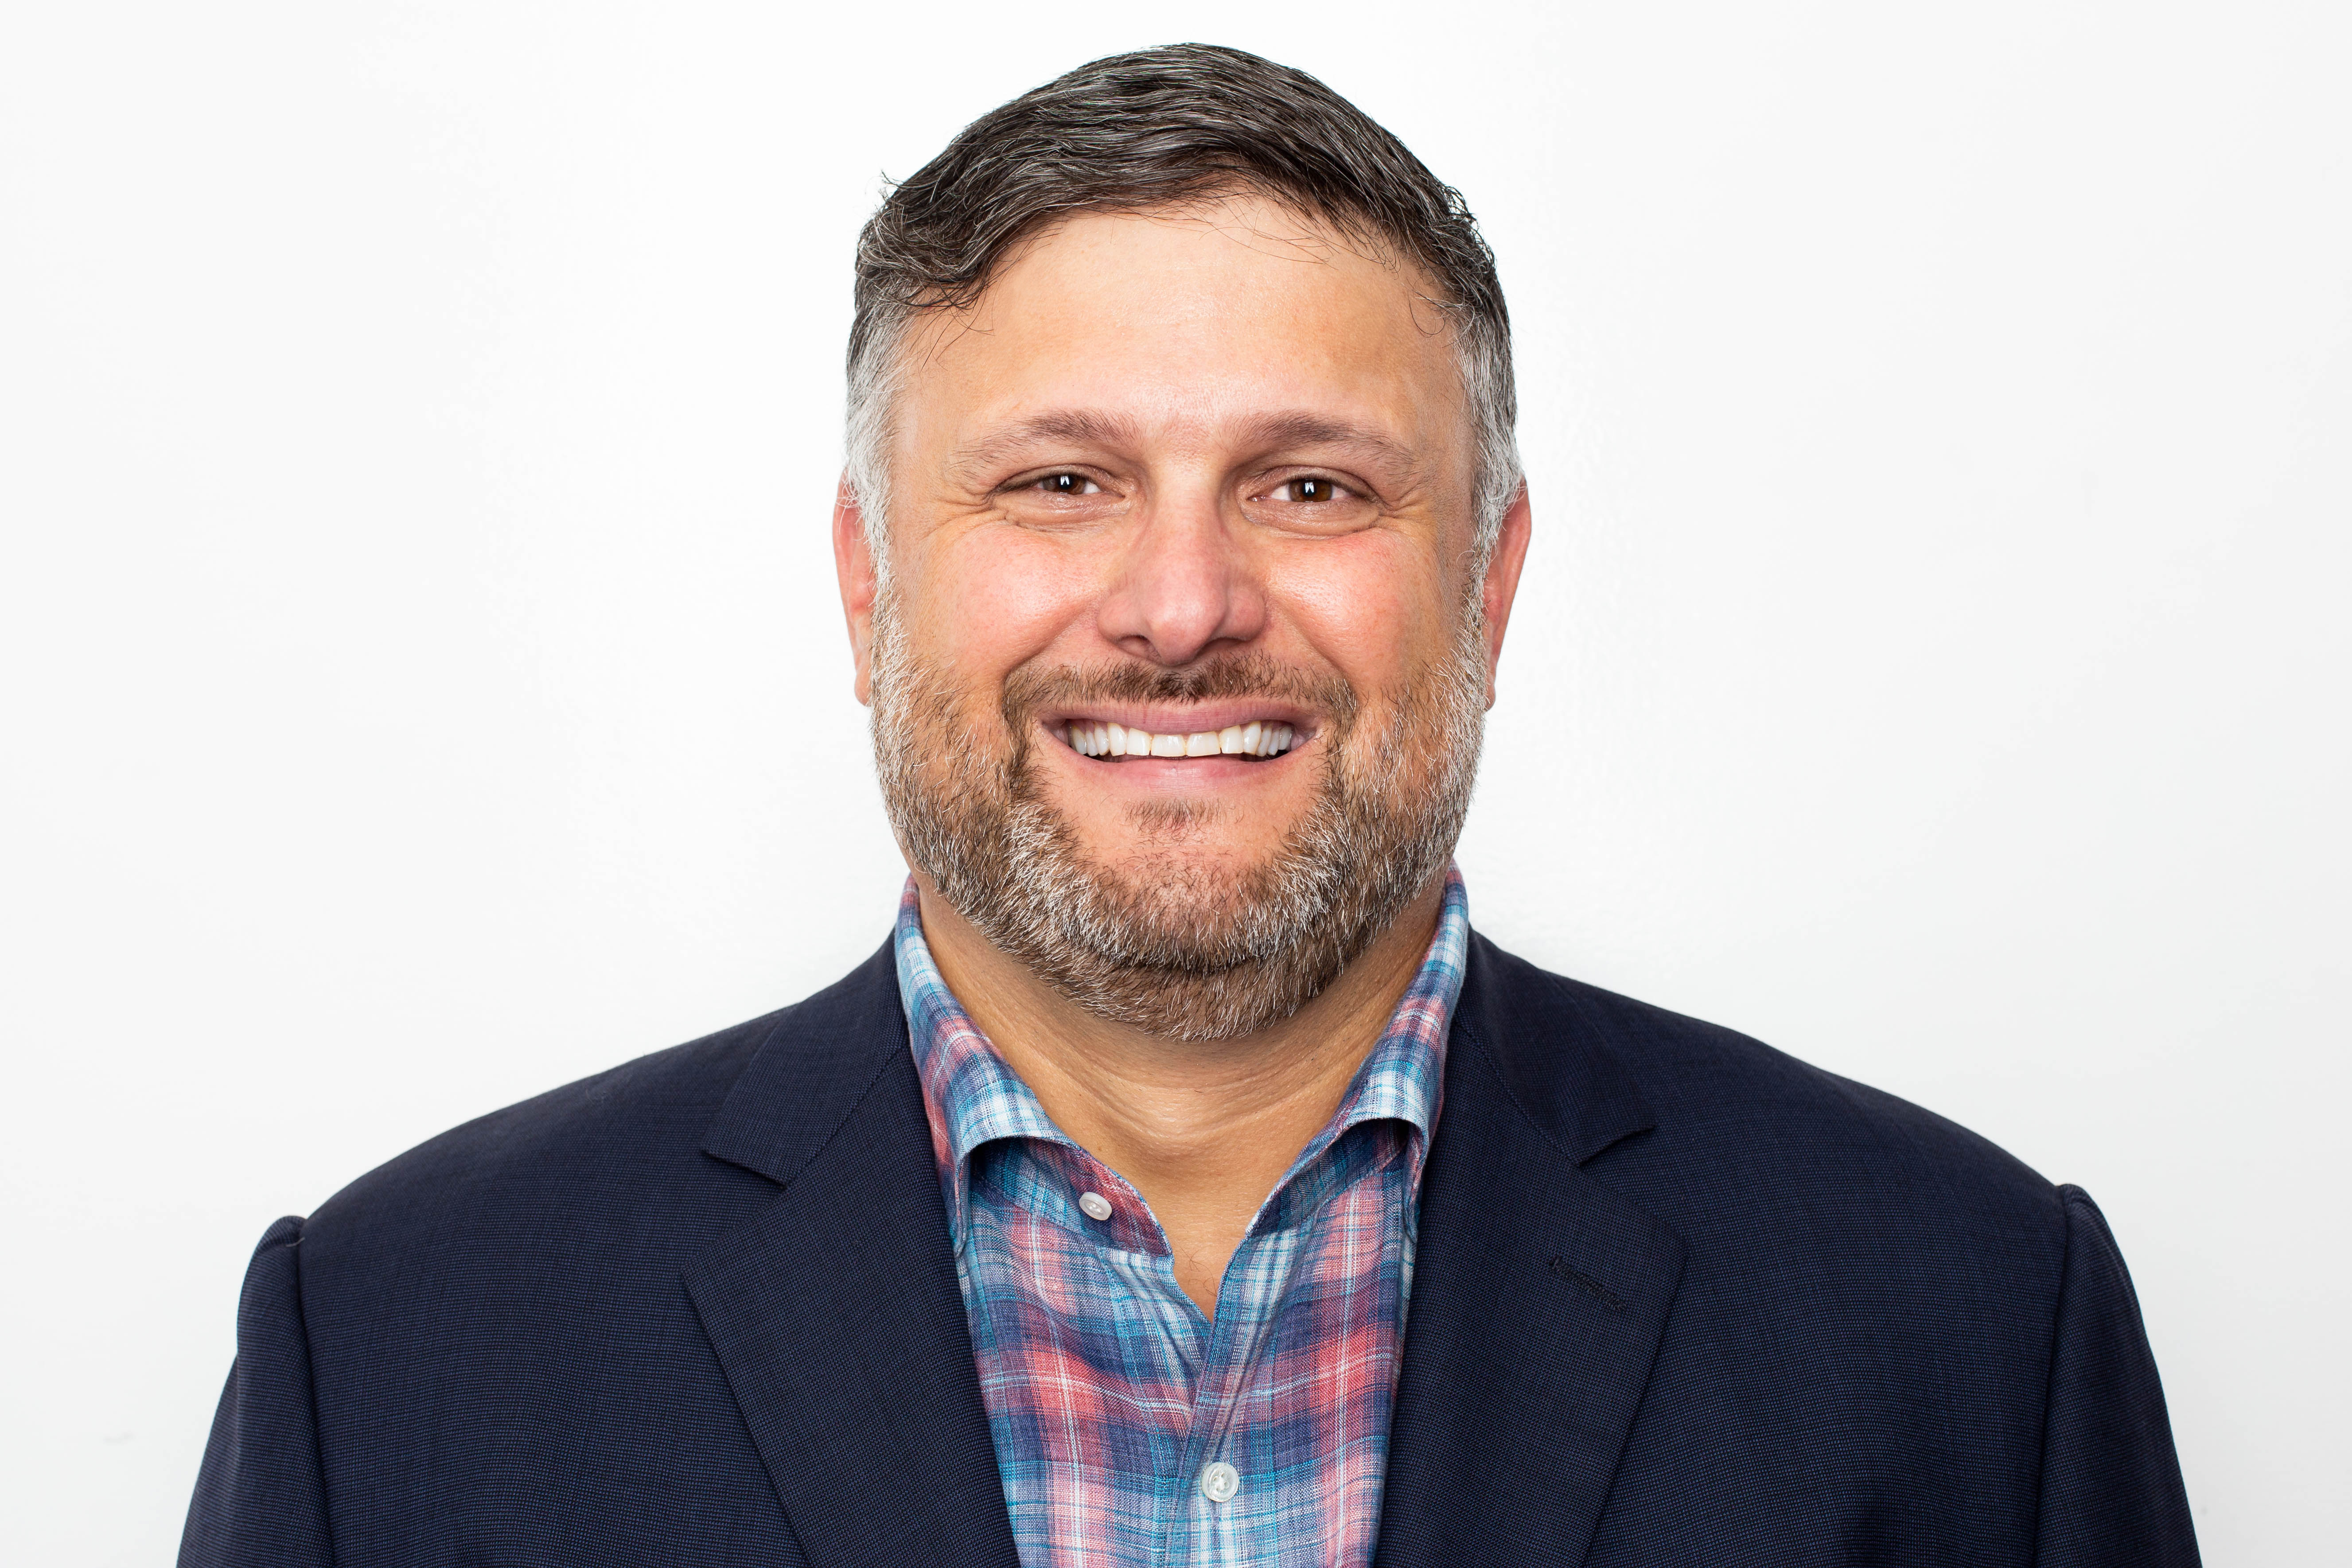 Dave Jimenez